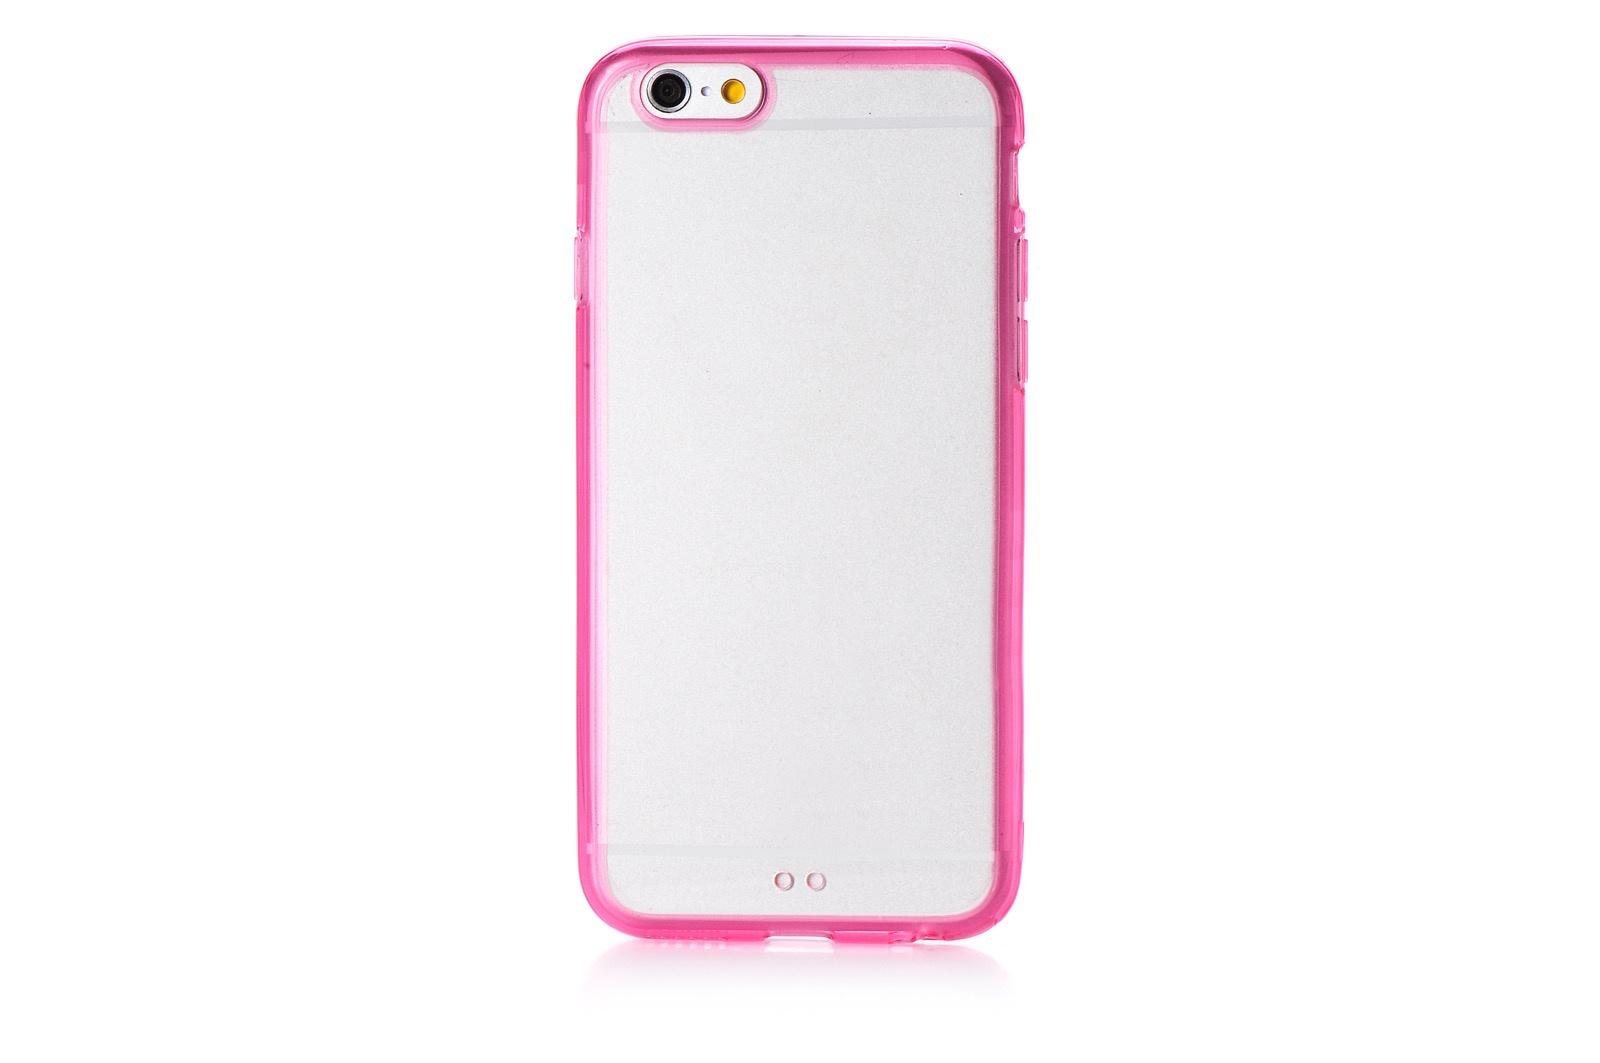 """Чехол для сотового телефона Gurdini Чехол накладка iPhone 6/6S 4.7"""" Gurdini Lims 2, 580052, темно-розовый"""